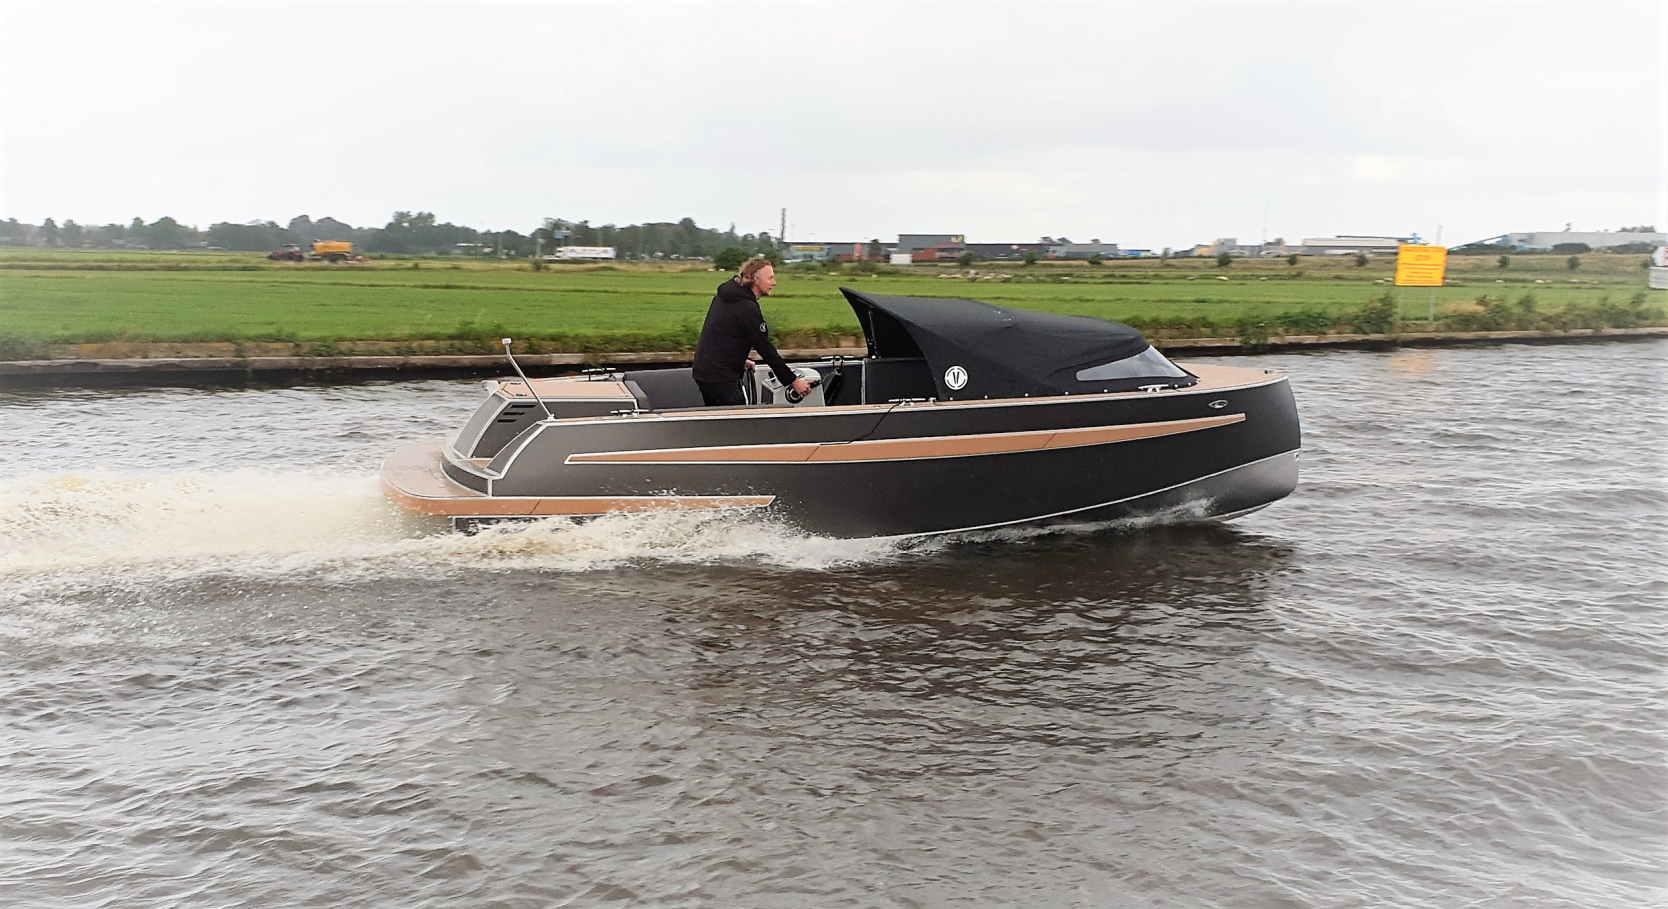 VanVossen Tender 650 Sport